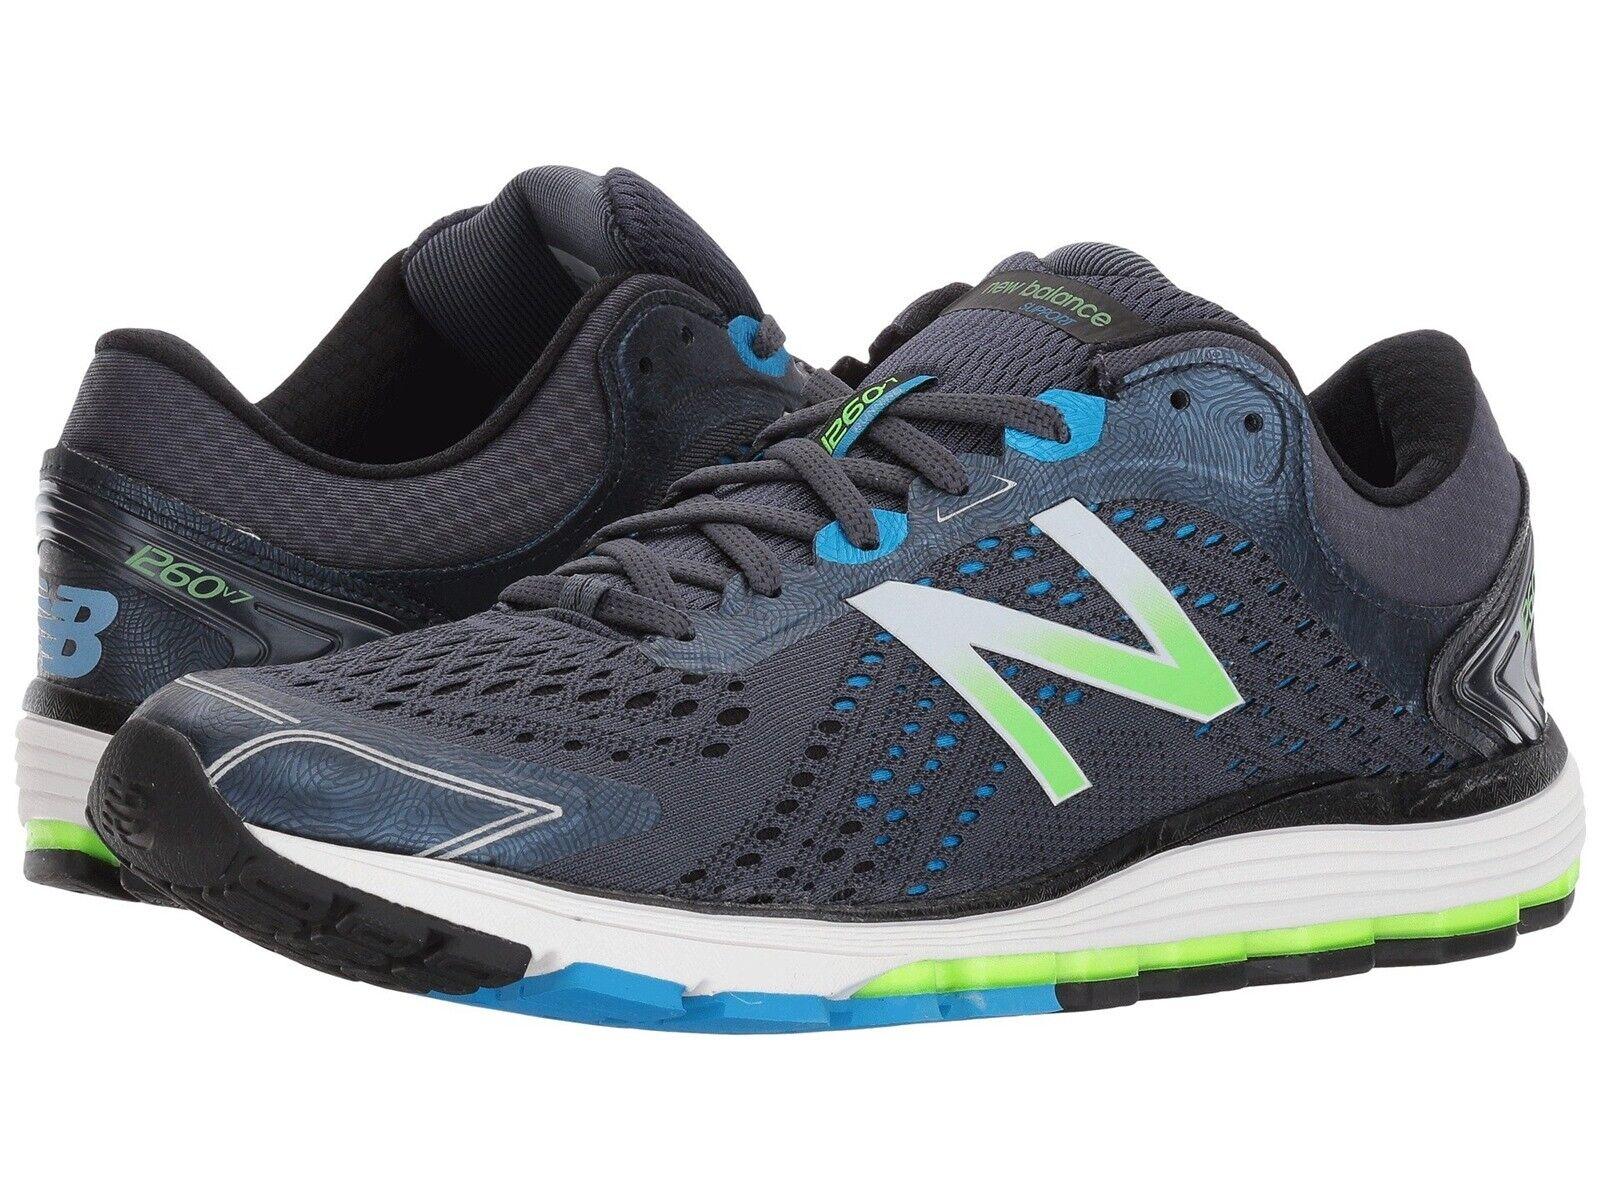 1260v7 Running Zapatos para Hombre NEW BALANCE envío gratuito a EE. UU.